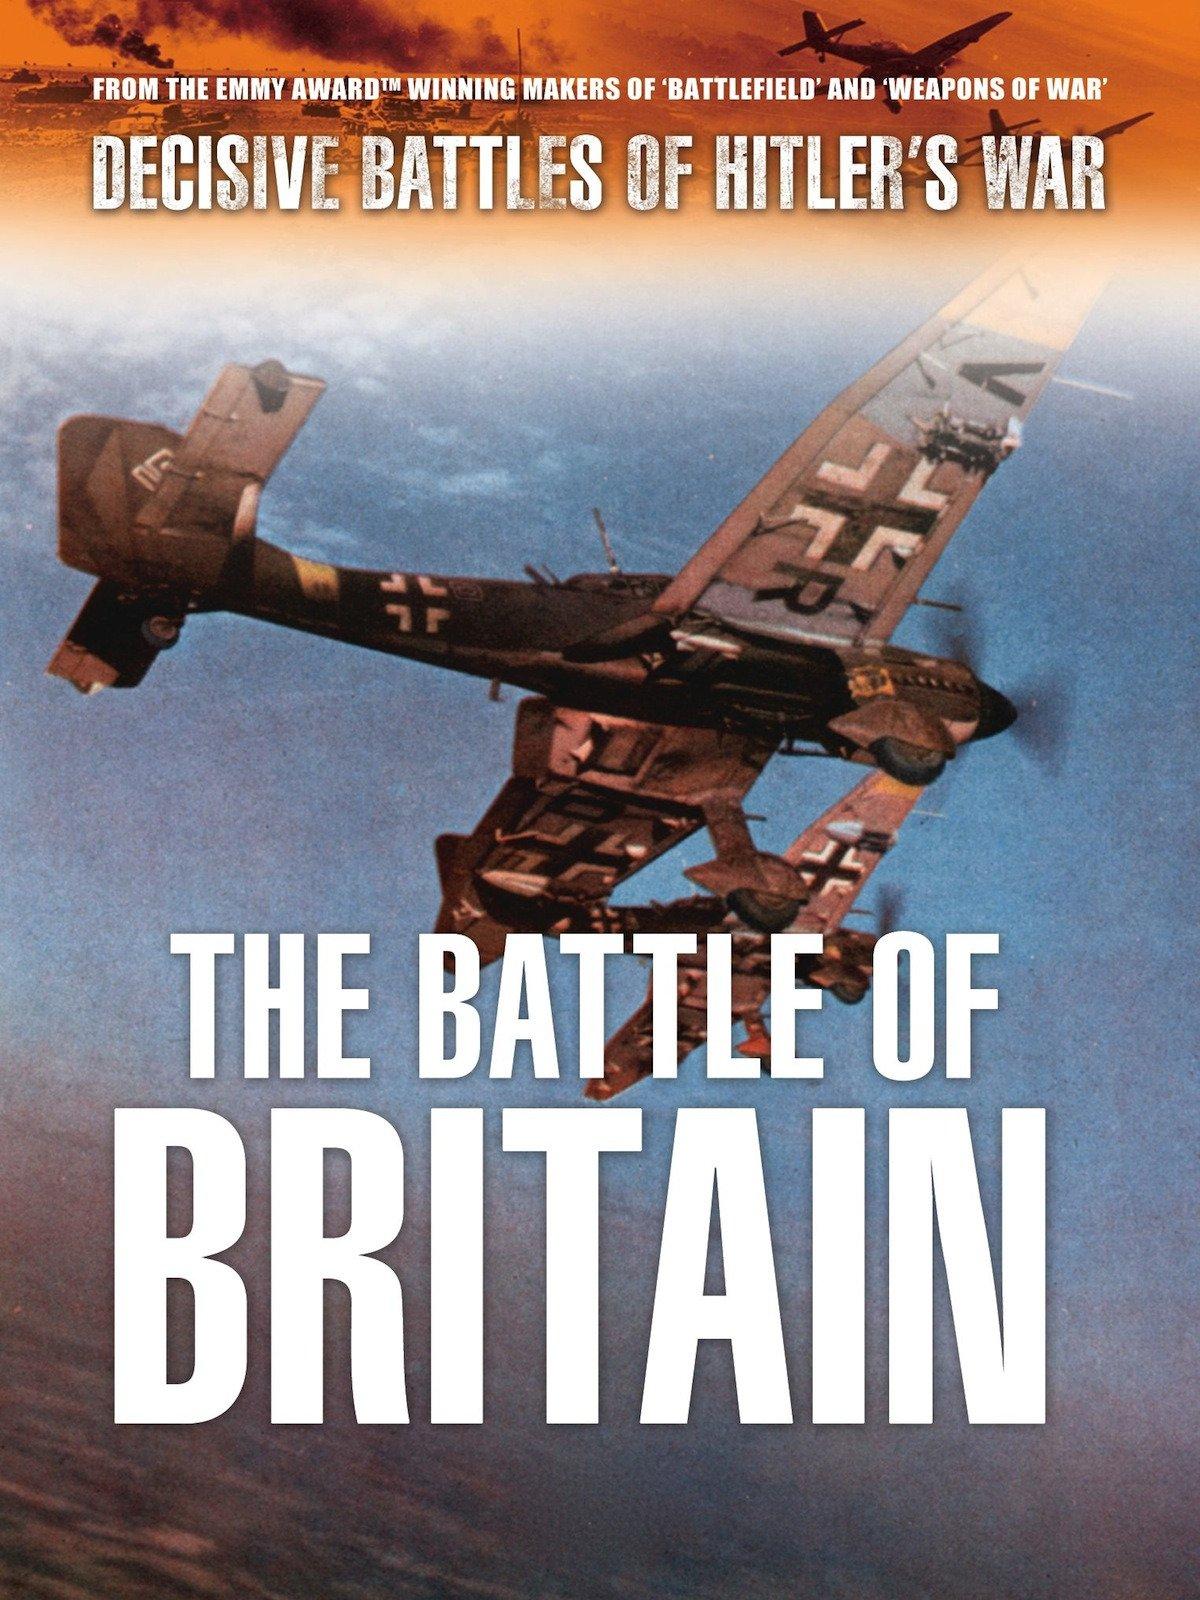 Decisive Battles of Hitler's War: Battle of Britain